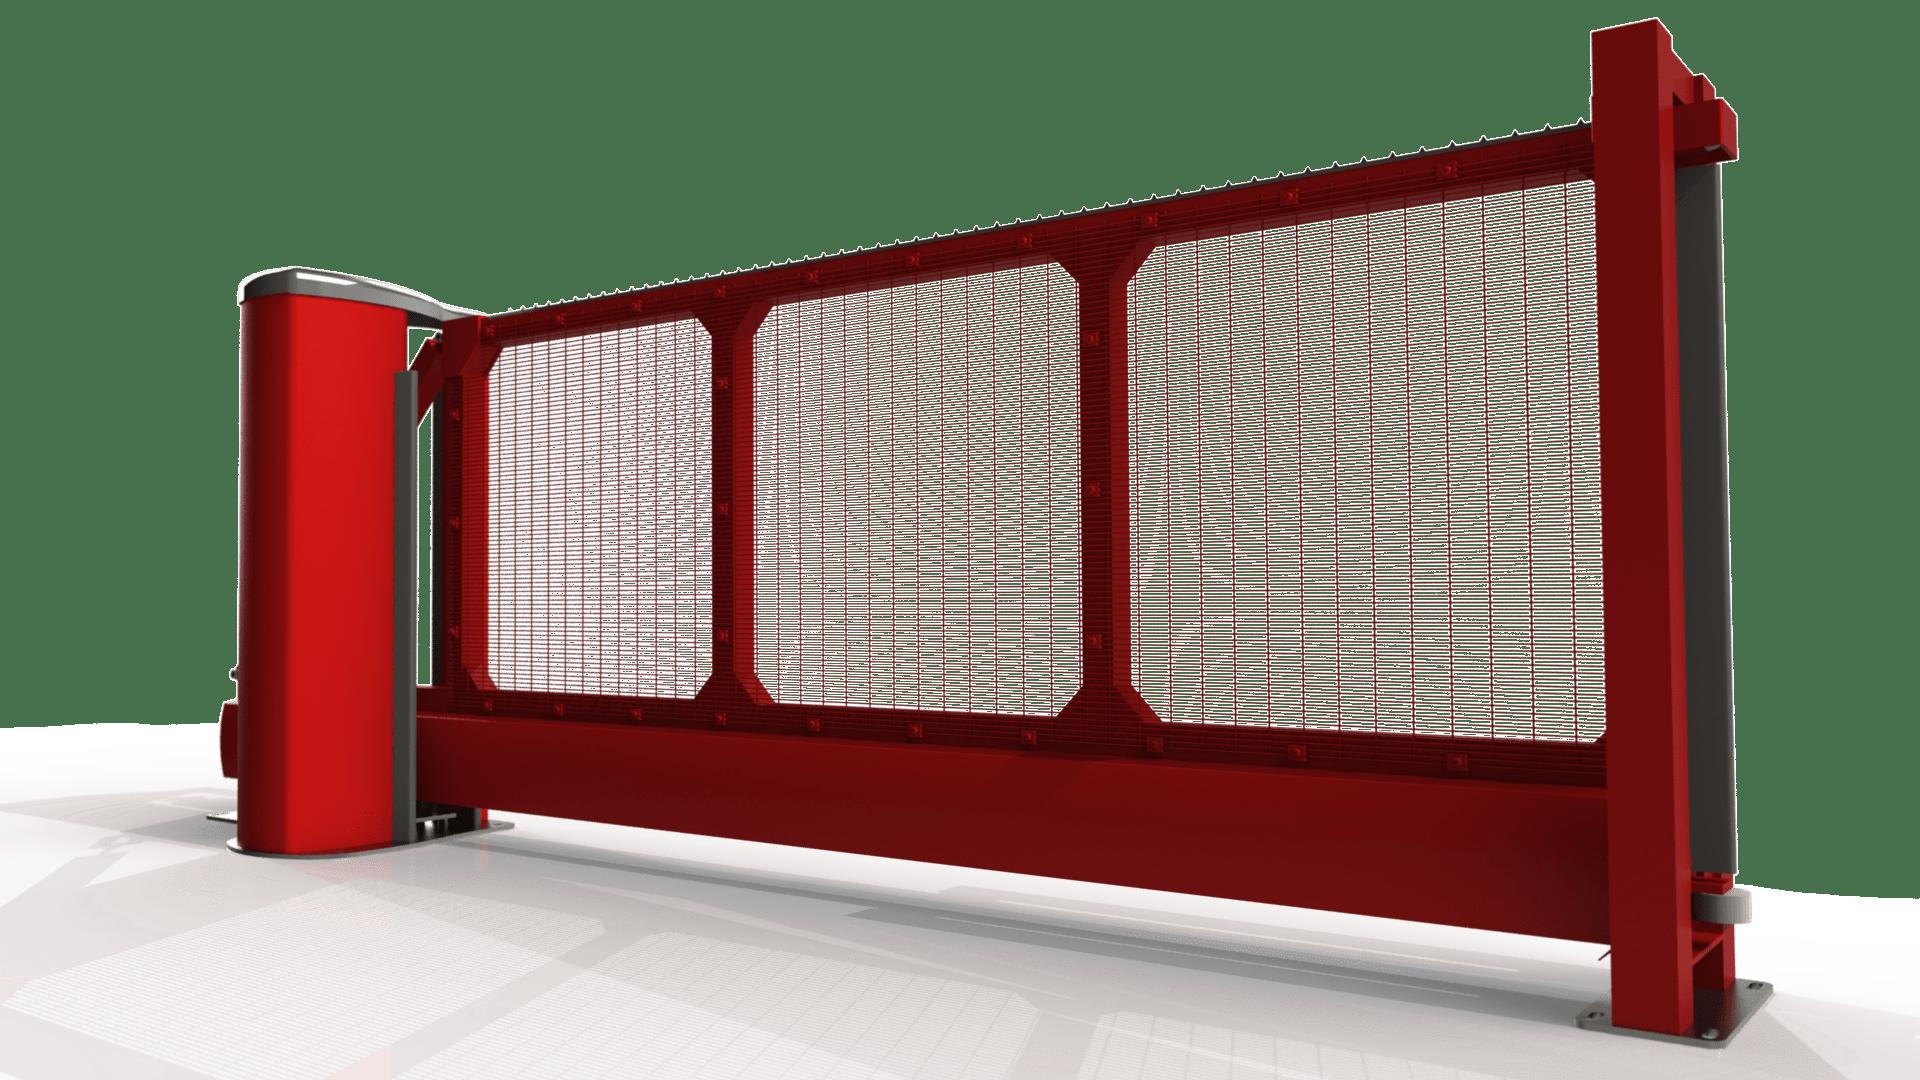 Automatic Sliding Gates Expert Security Uk